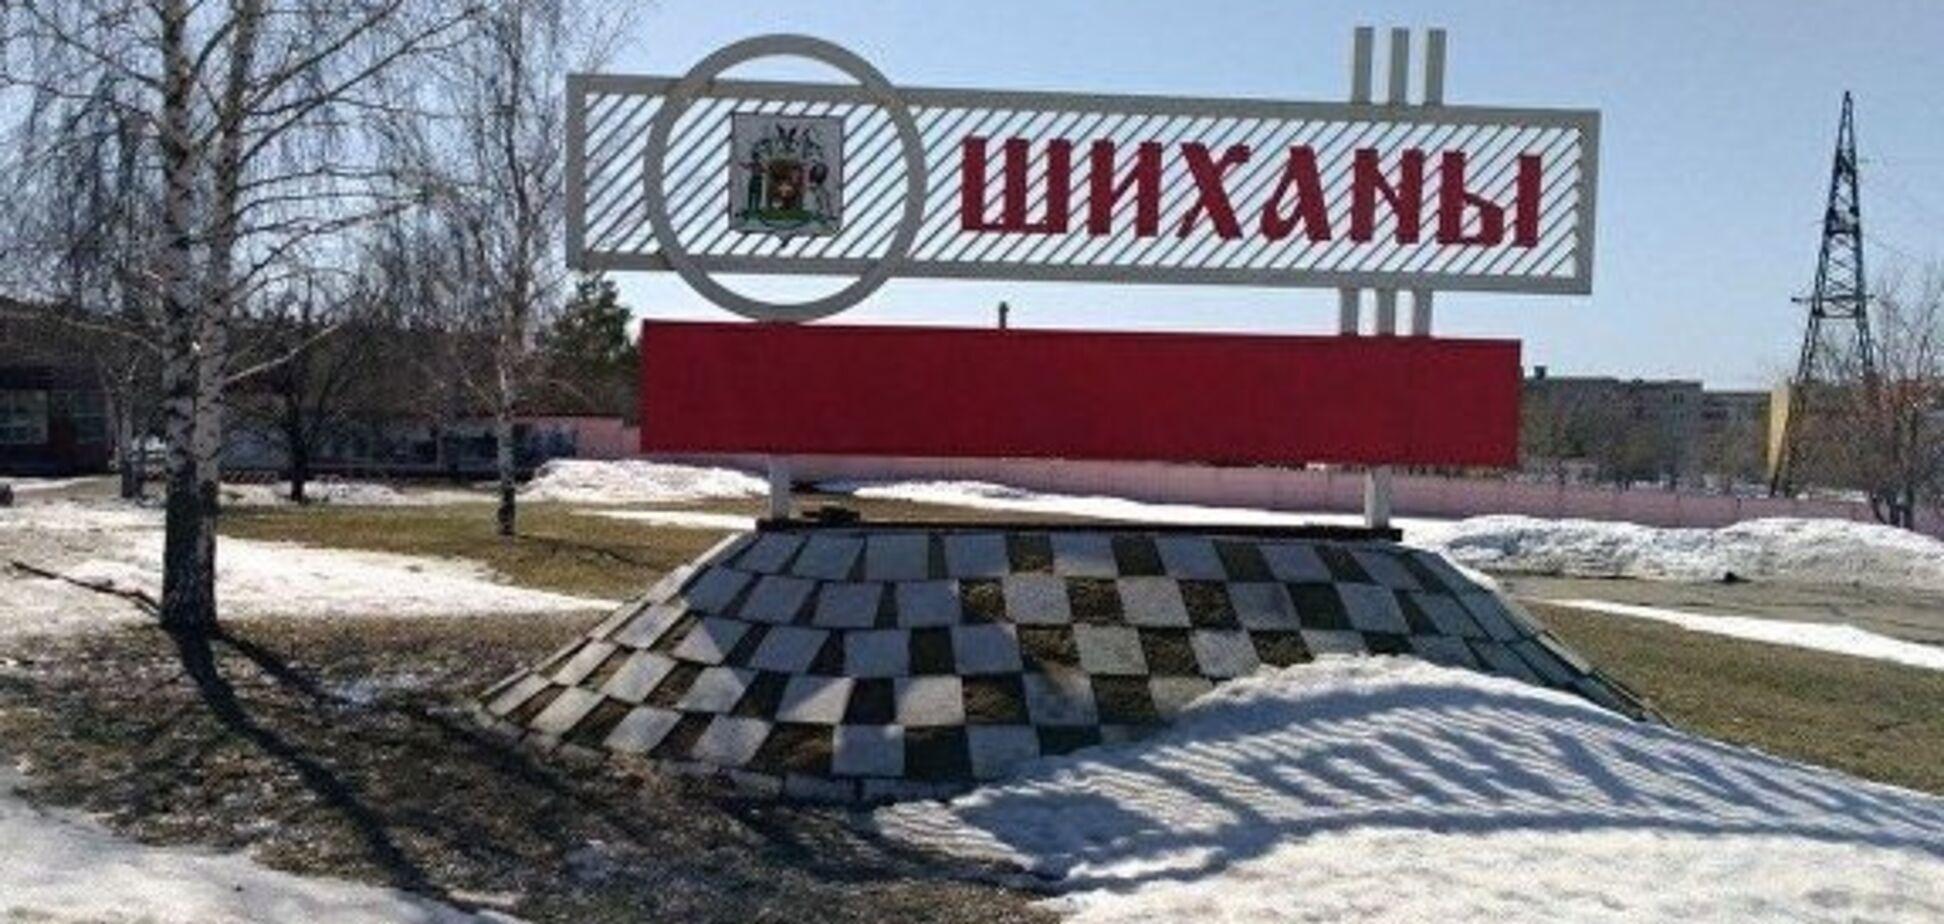 Це бренд міста: в Росії вирішили запатентувати 'Новачок'